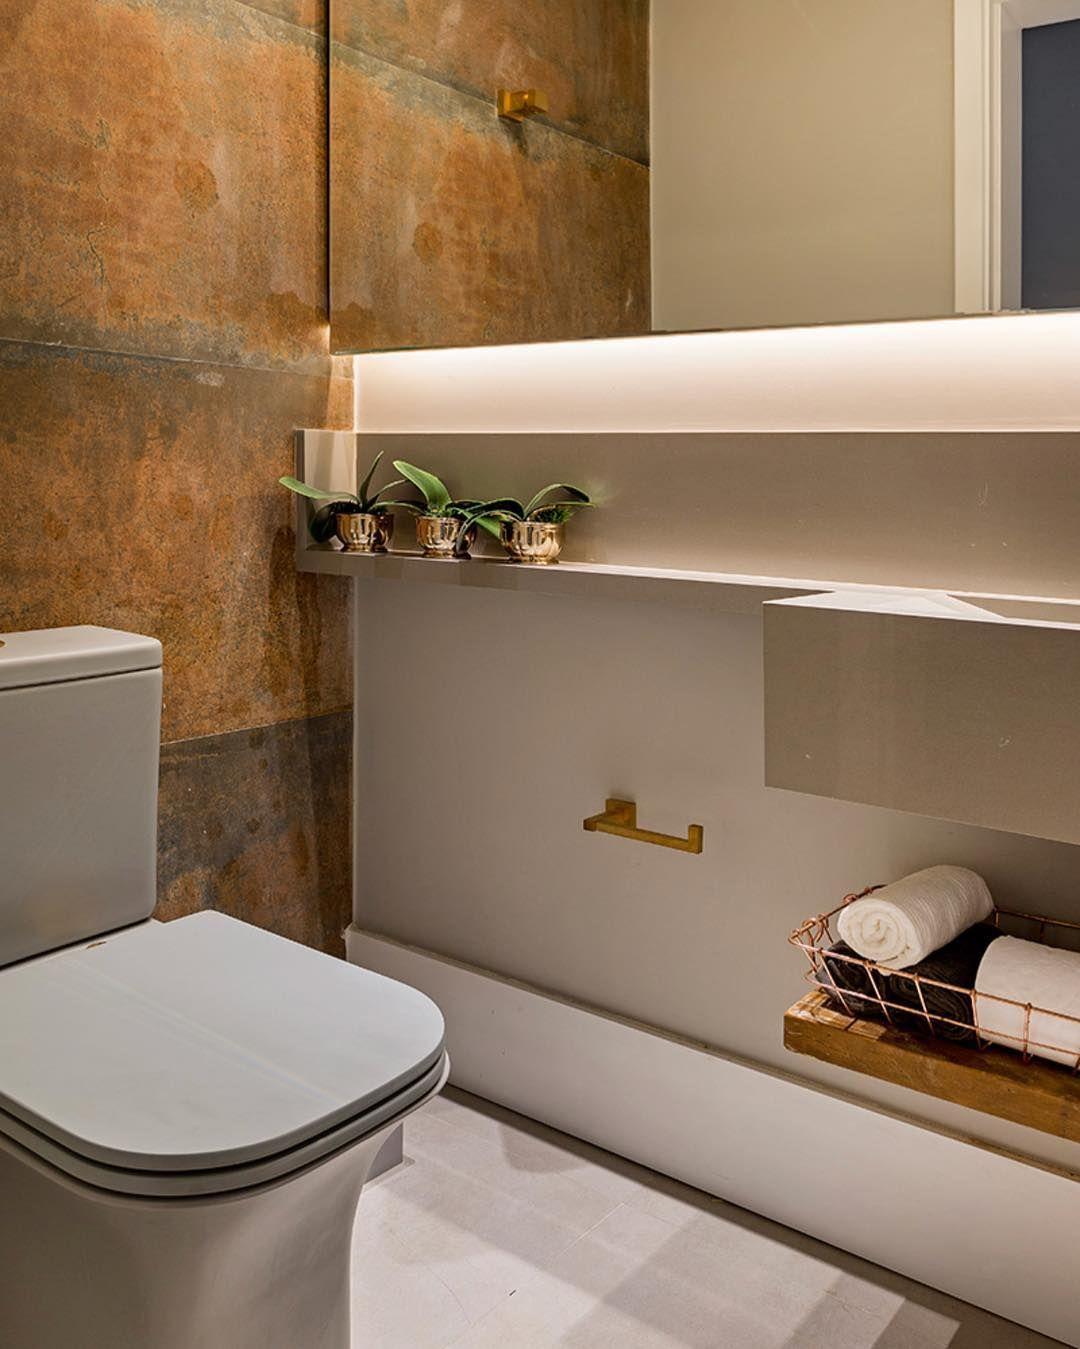 Pin de Paloma Borba em banheiro em 2020   Aço corten, Interiores,  Porcelanato